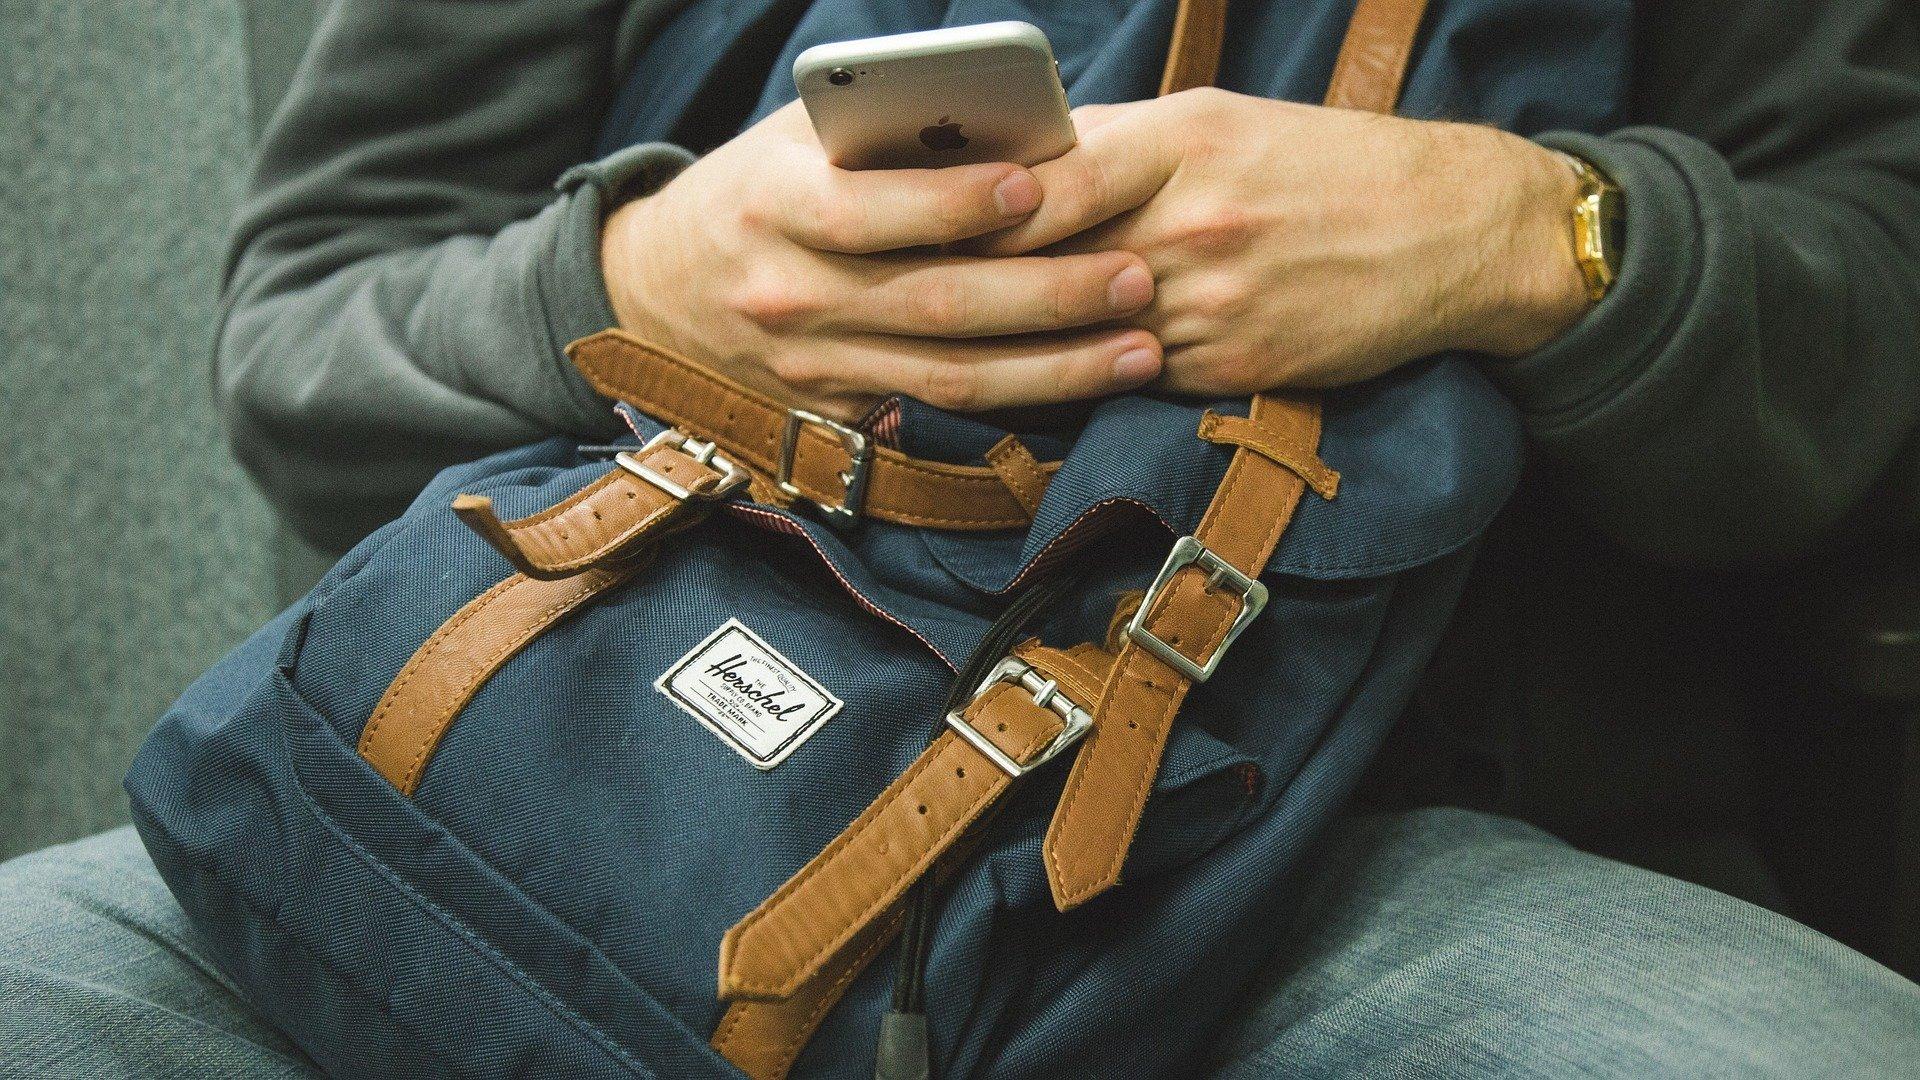 'Technoference': Wir sind müder und weniger produktiv, weil unsere Telefone